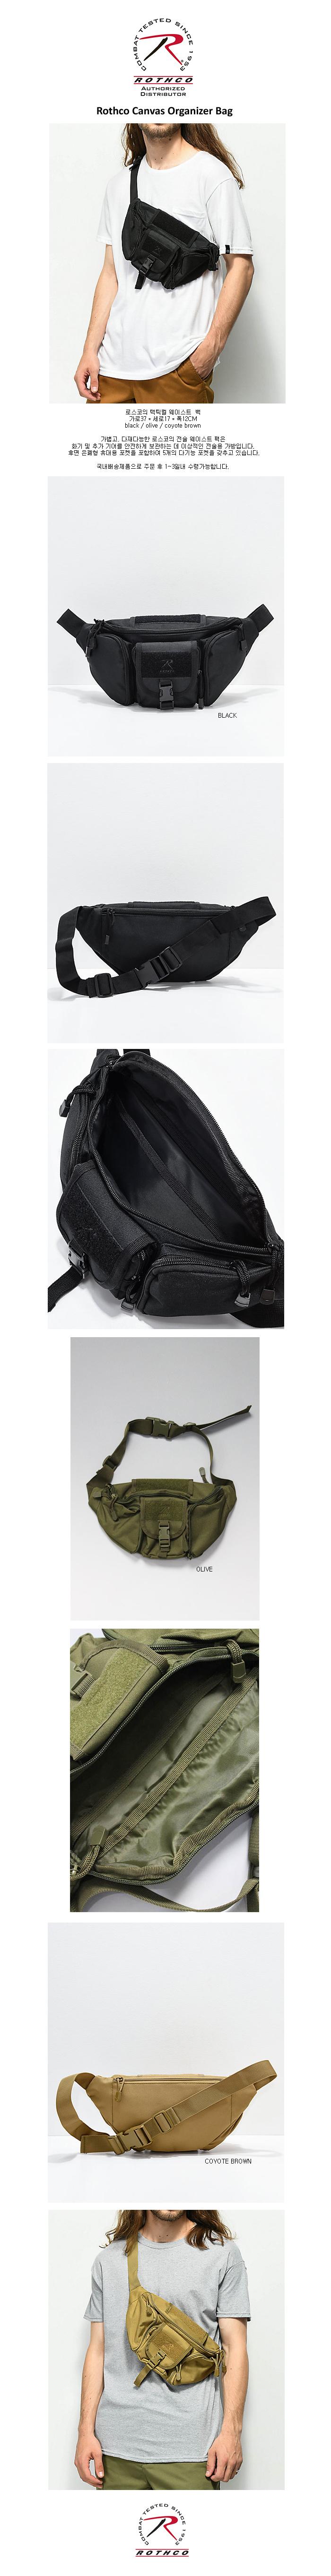 로스코(ROTHCO) waist bag